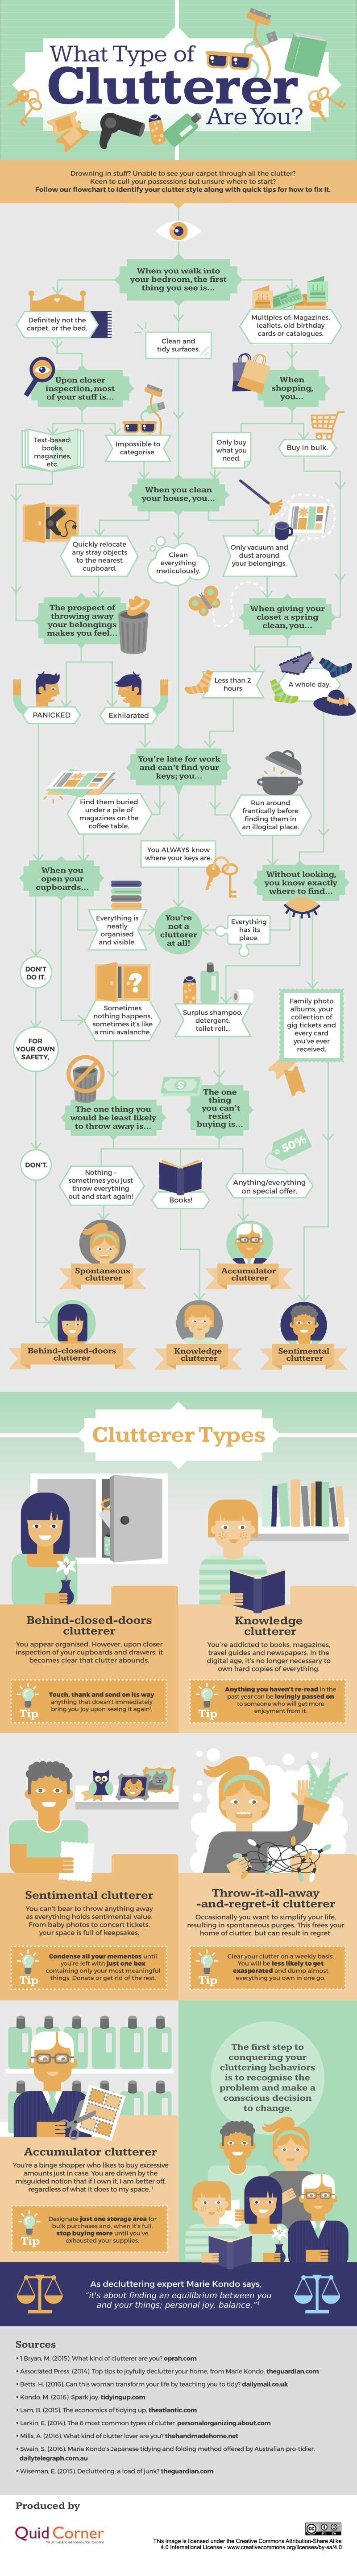 clutterer-type-infographic.jpg